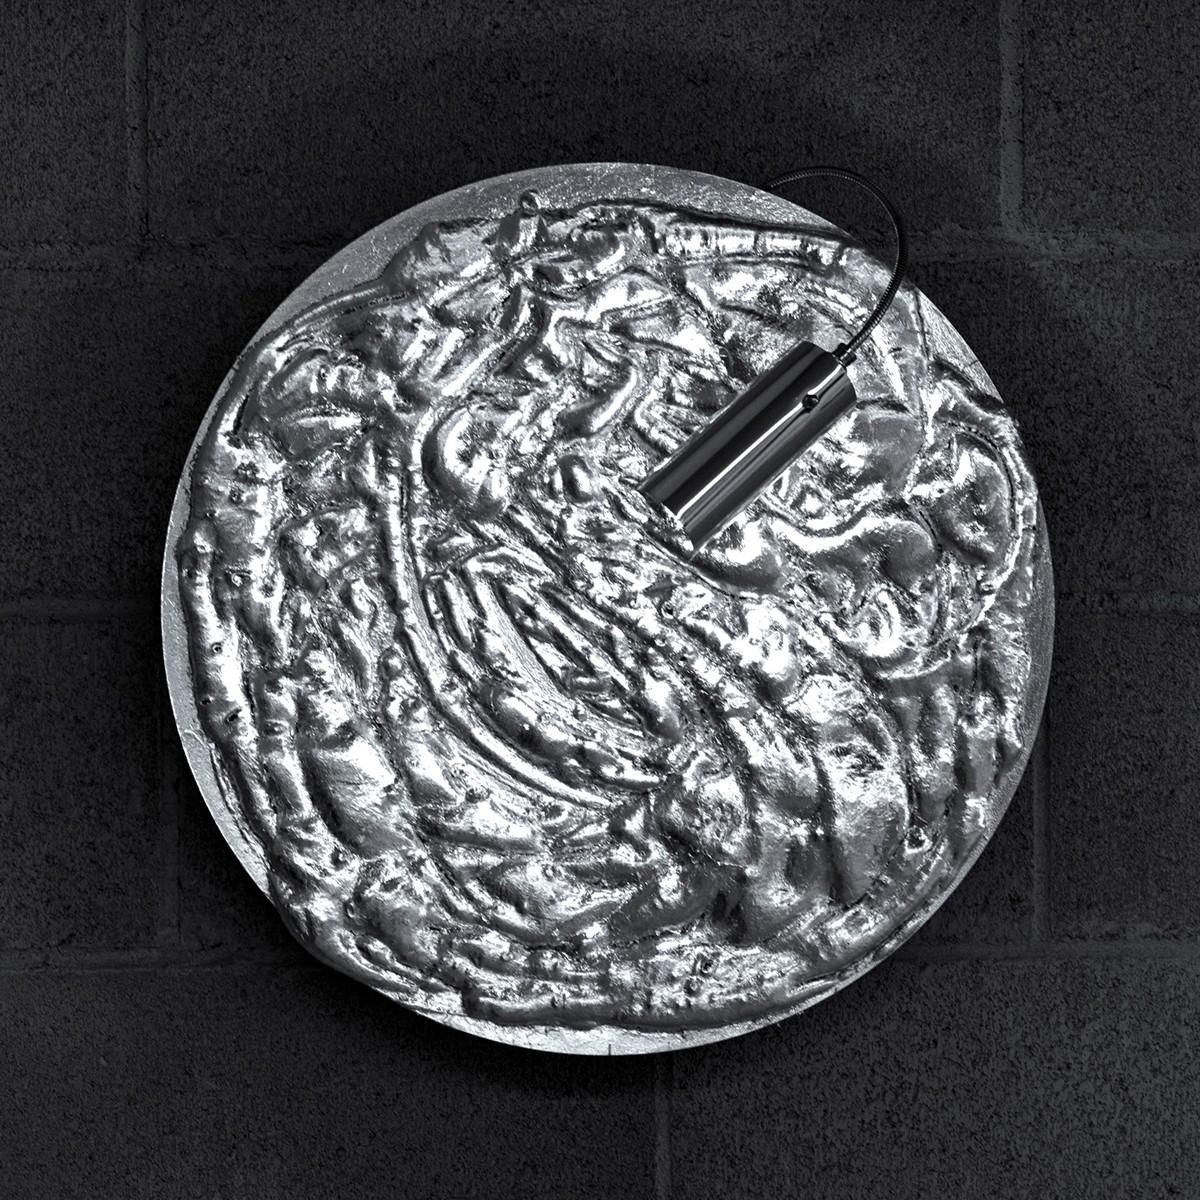 Catellani & Smith Stchu-Moon 06 Wandleuchte, Ø: 50 cm, schwarz / Silber